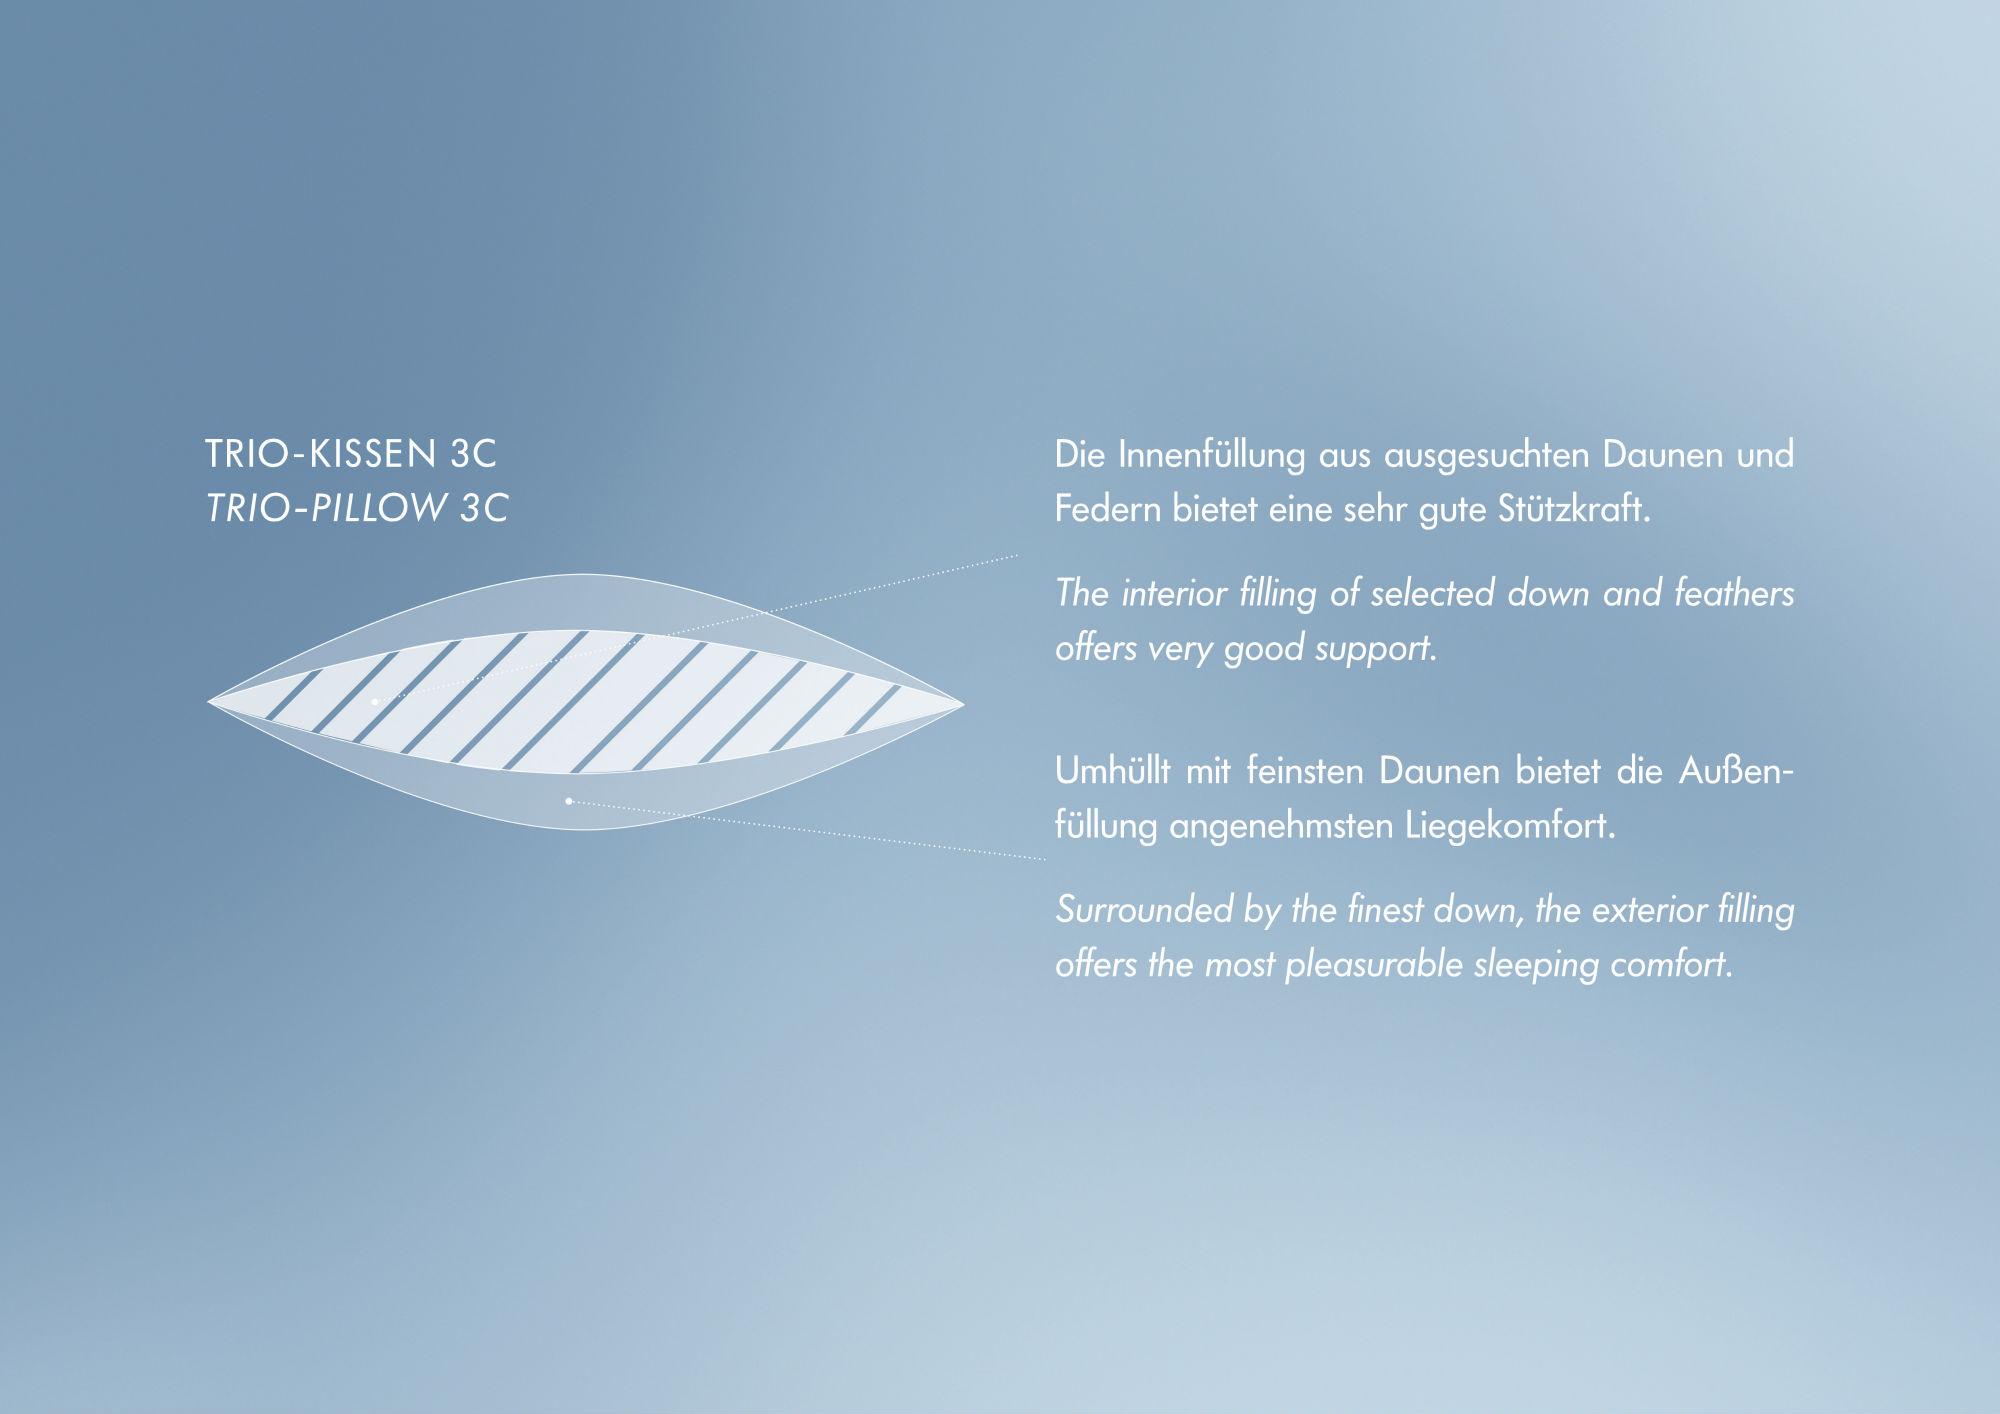 Подушка Kauffmann пухо-перовая с ядром 50х70 De Luxe 3 средняя